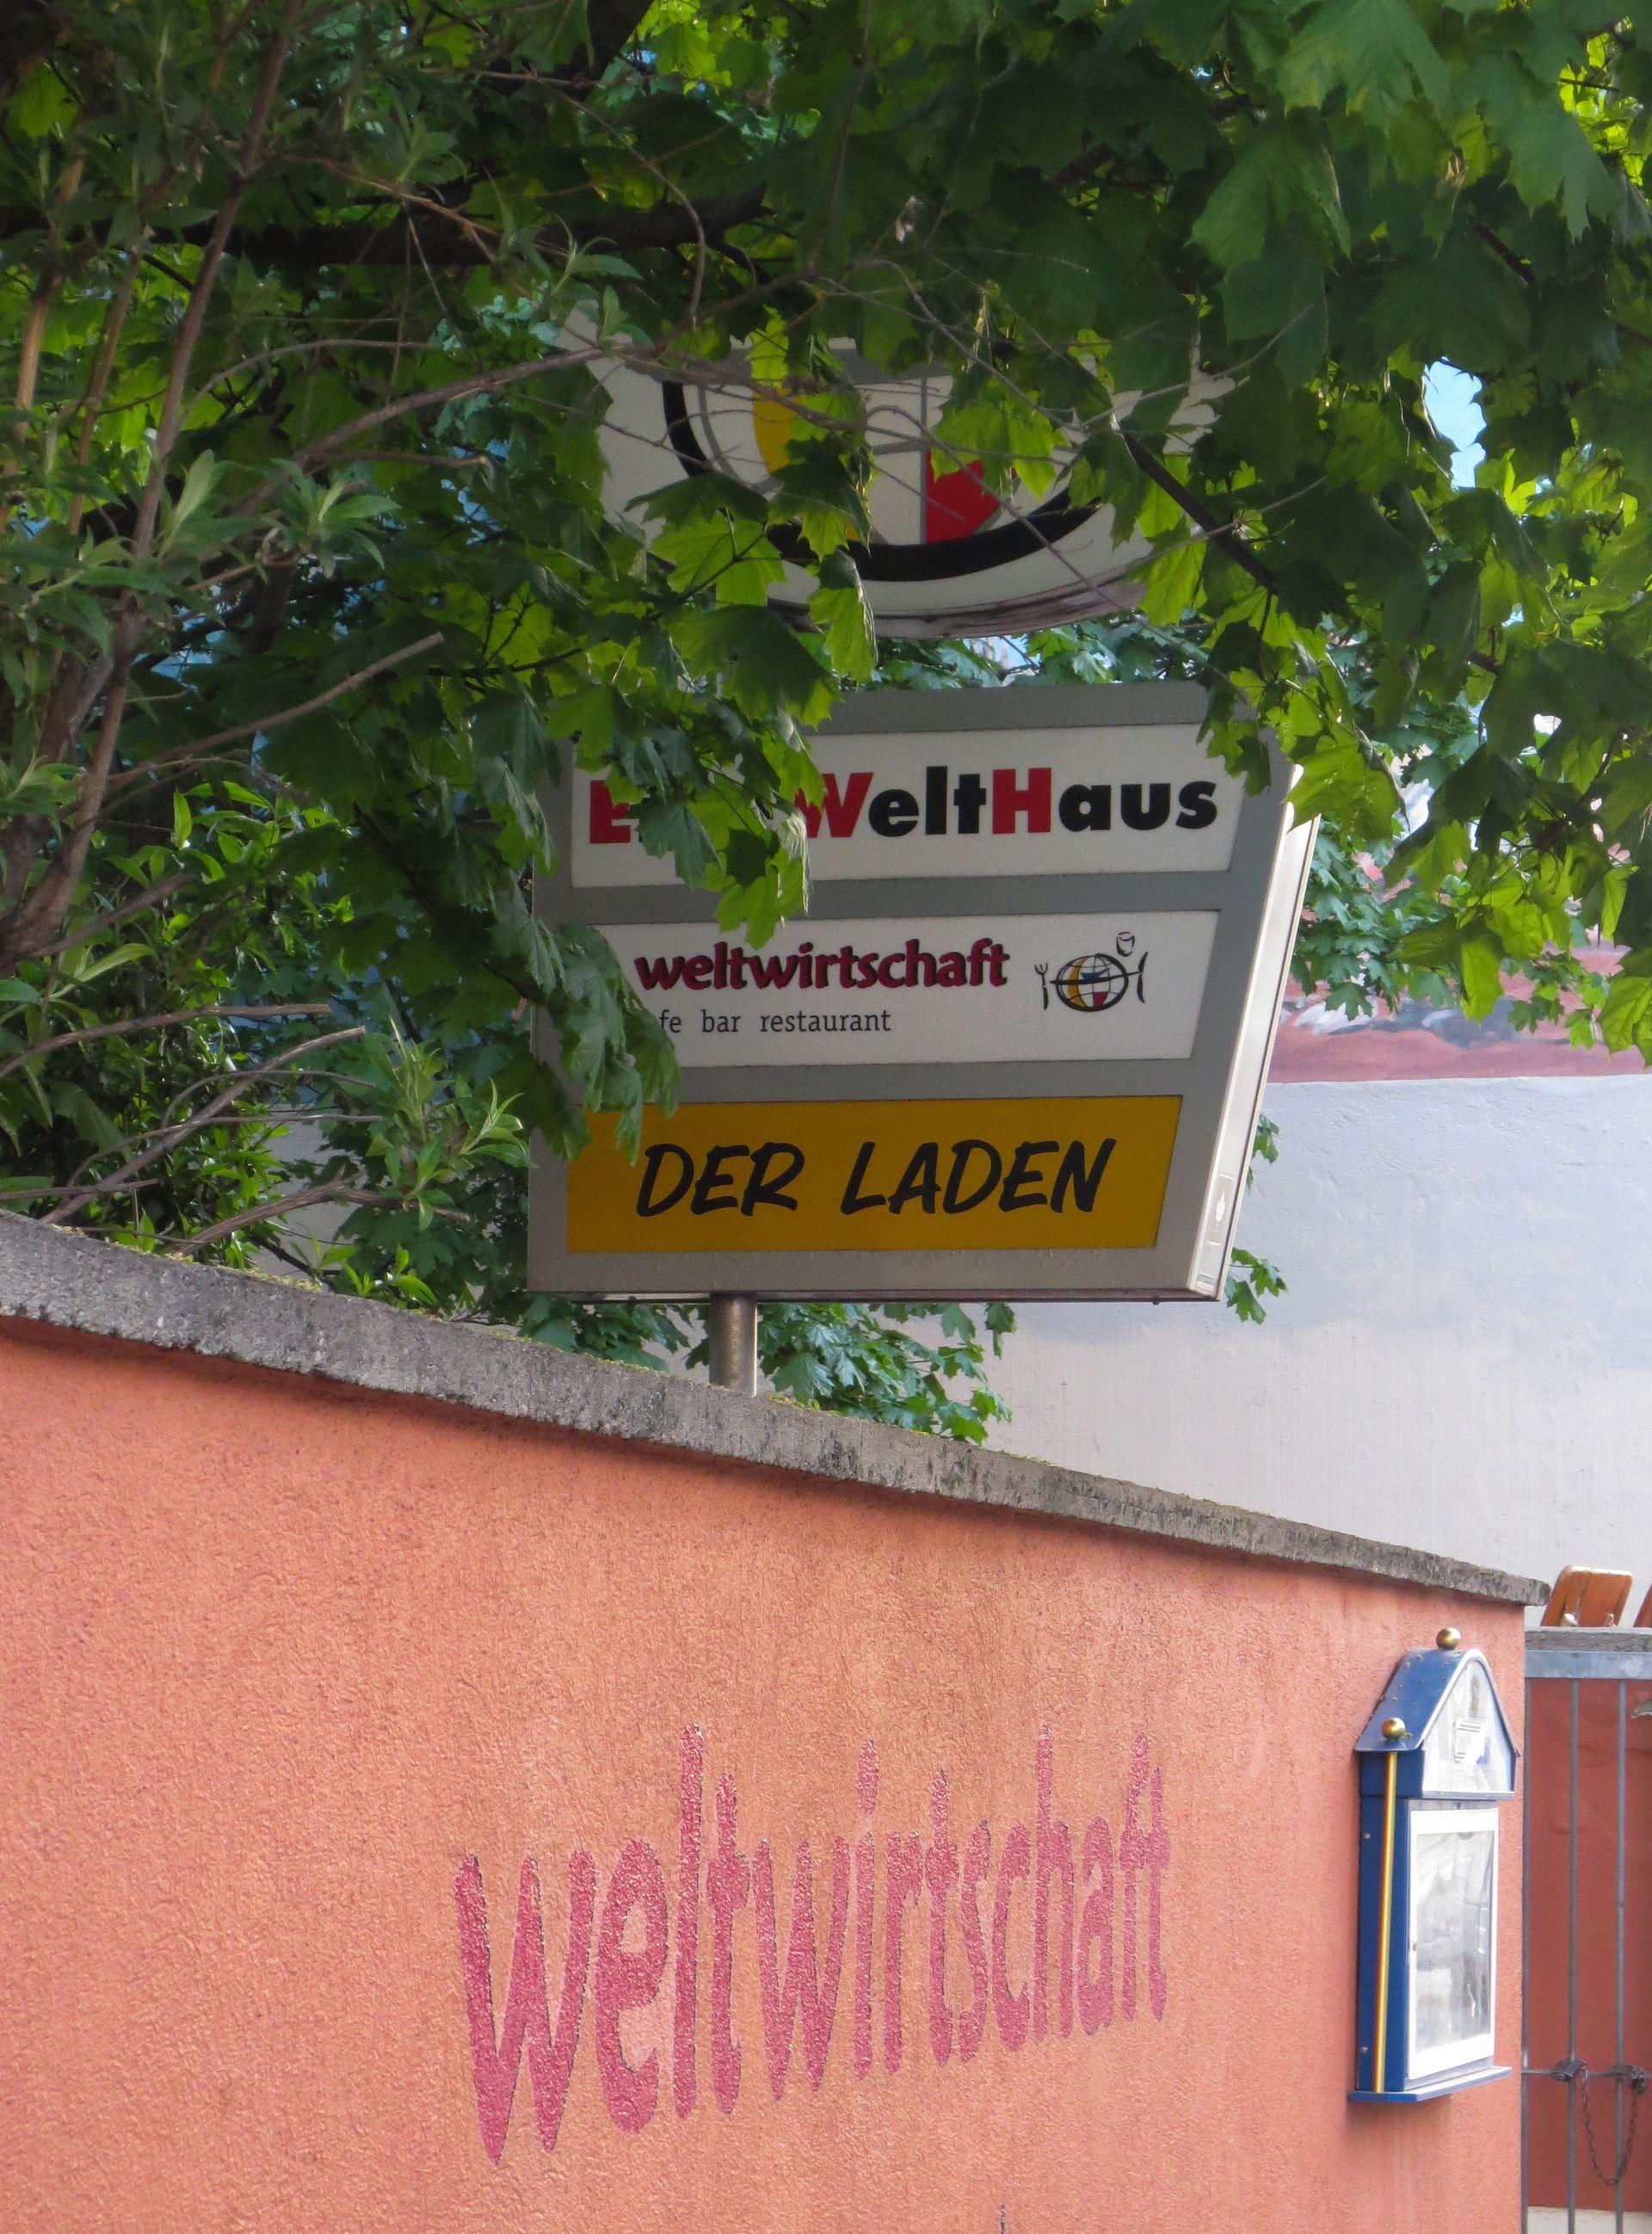 Einewelthaus (münchen)  Wikipedia